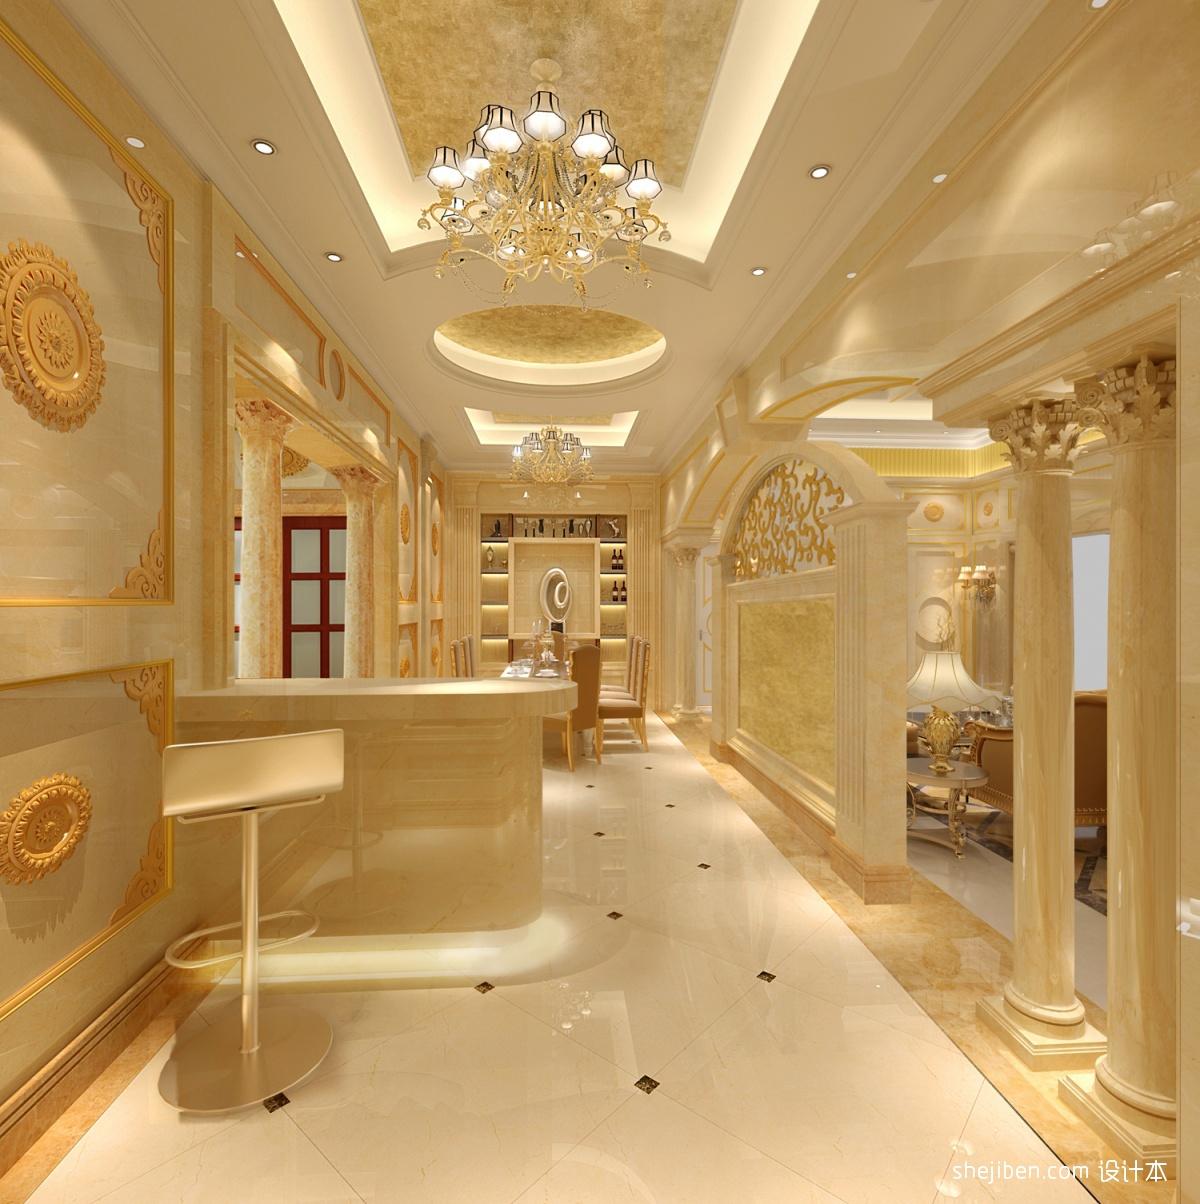 热门面积142平别墅餐厅欧式效果图片欣赏别墅豪宅欧式豪华家装装修案例效果图